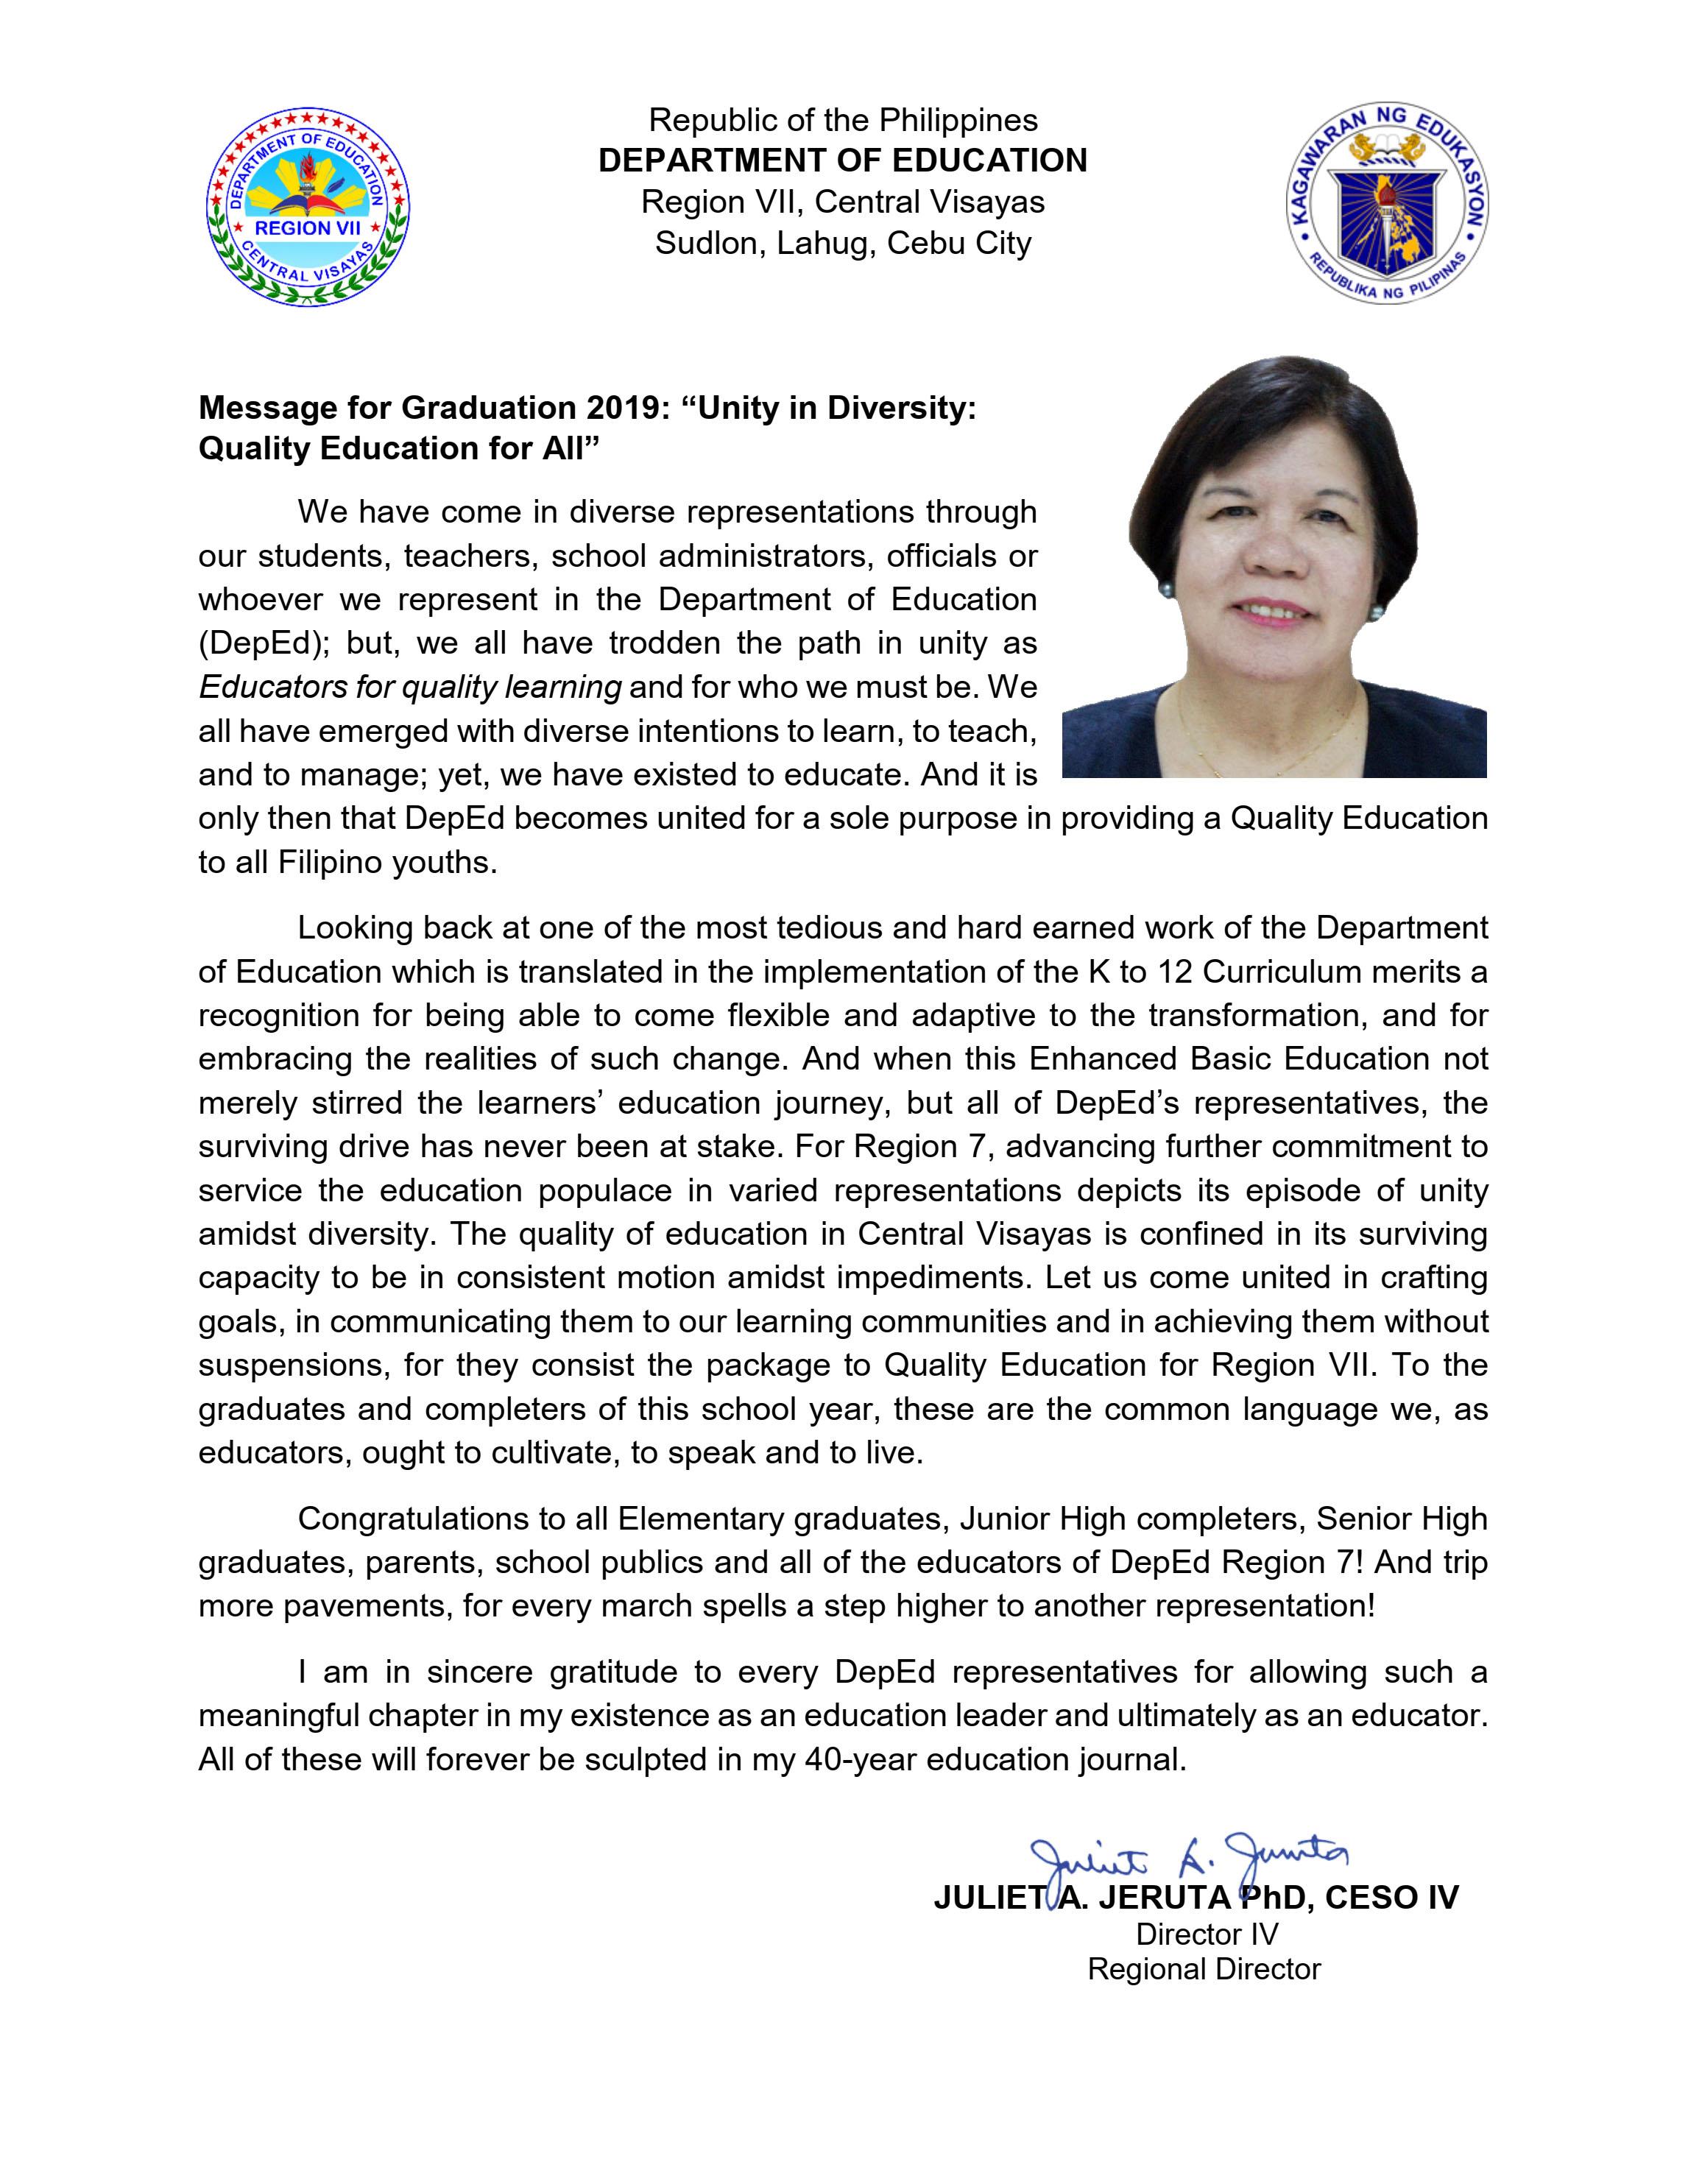 2019 Graduation Message of Regional Director Juliet A  Jeruta